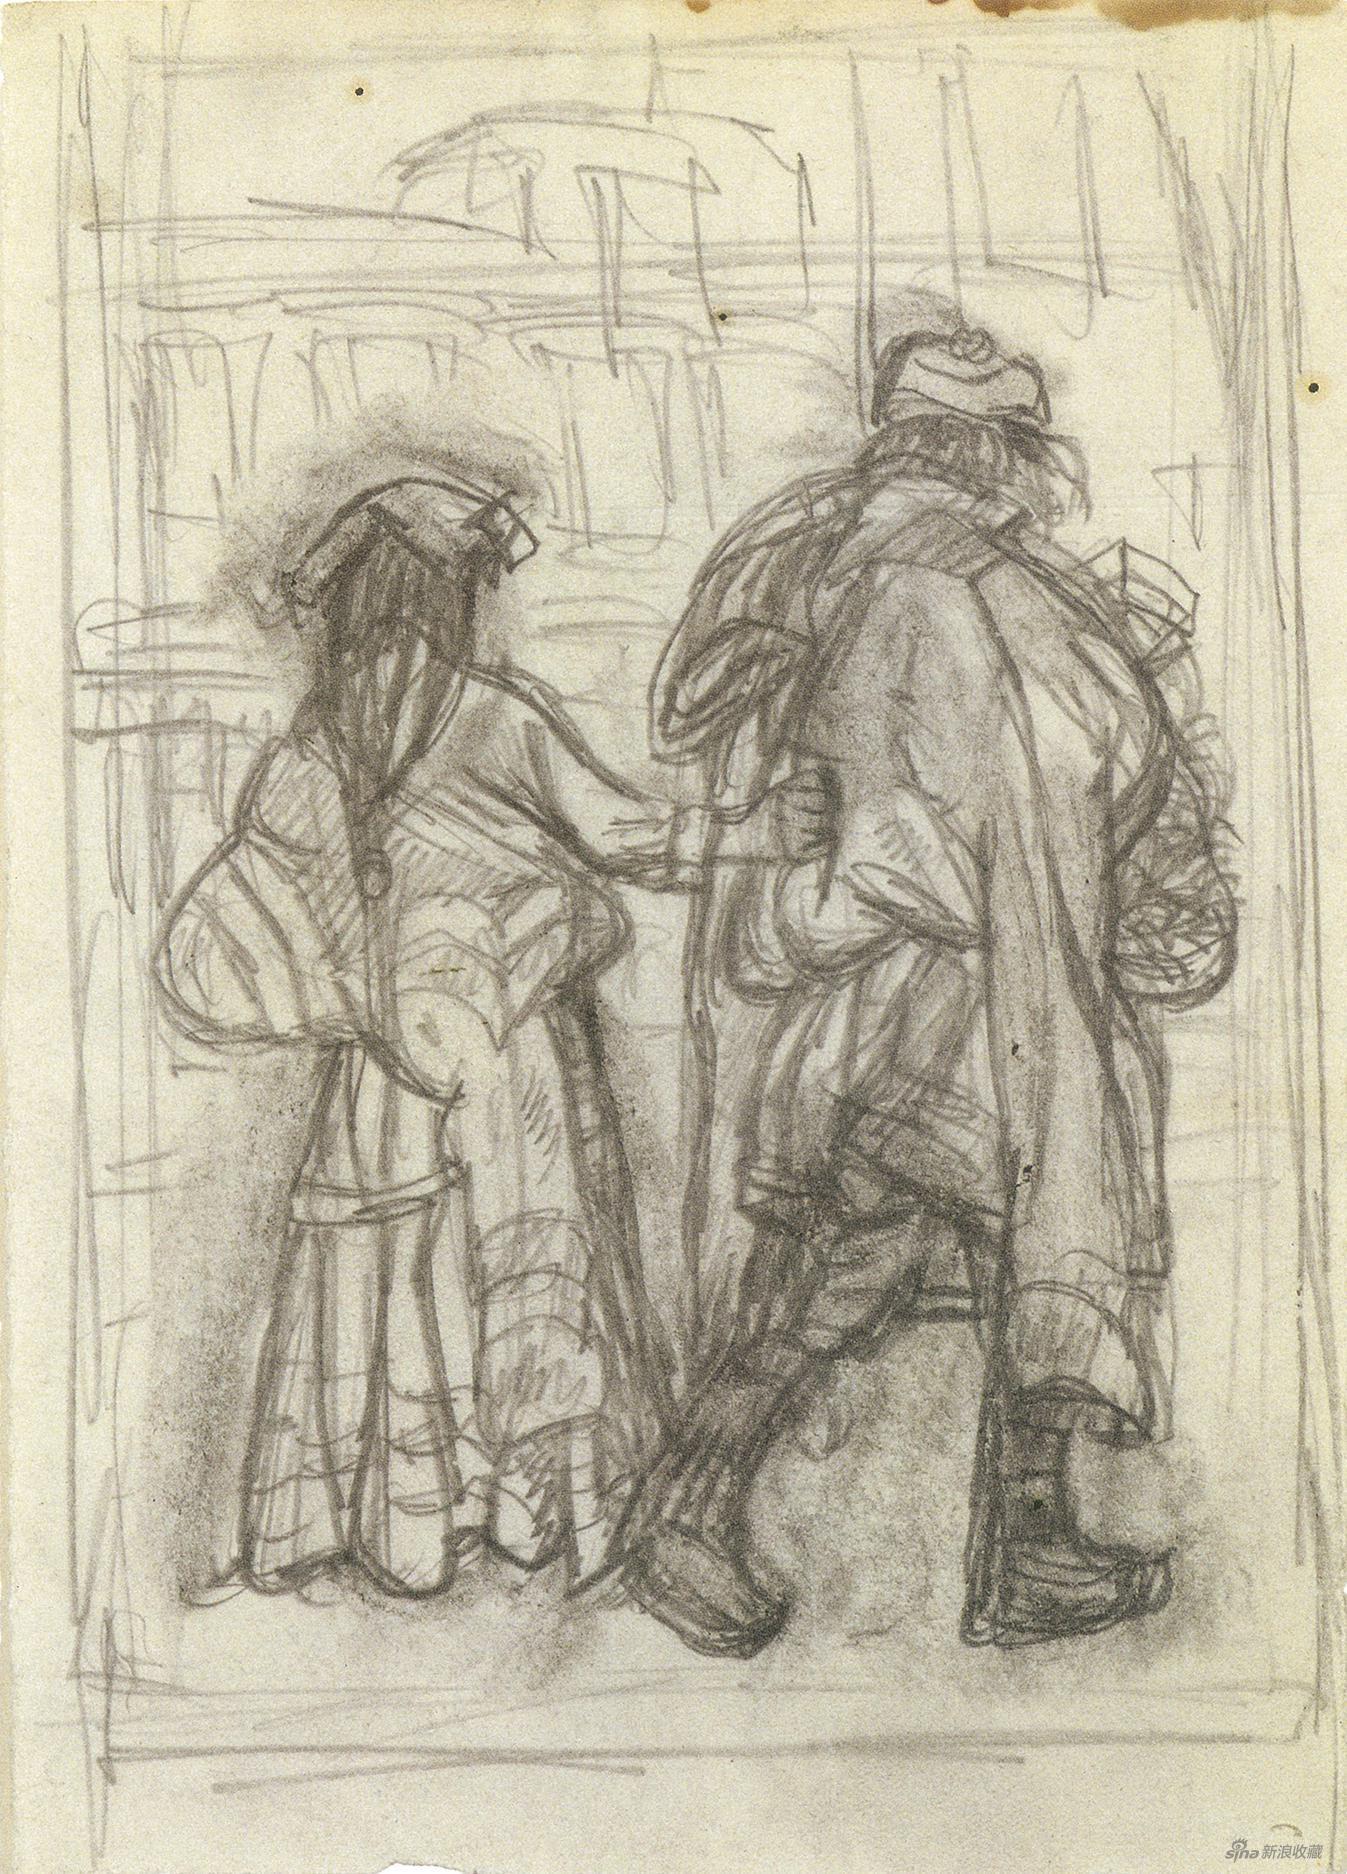 陳丹青 進城的夫婦 草圖